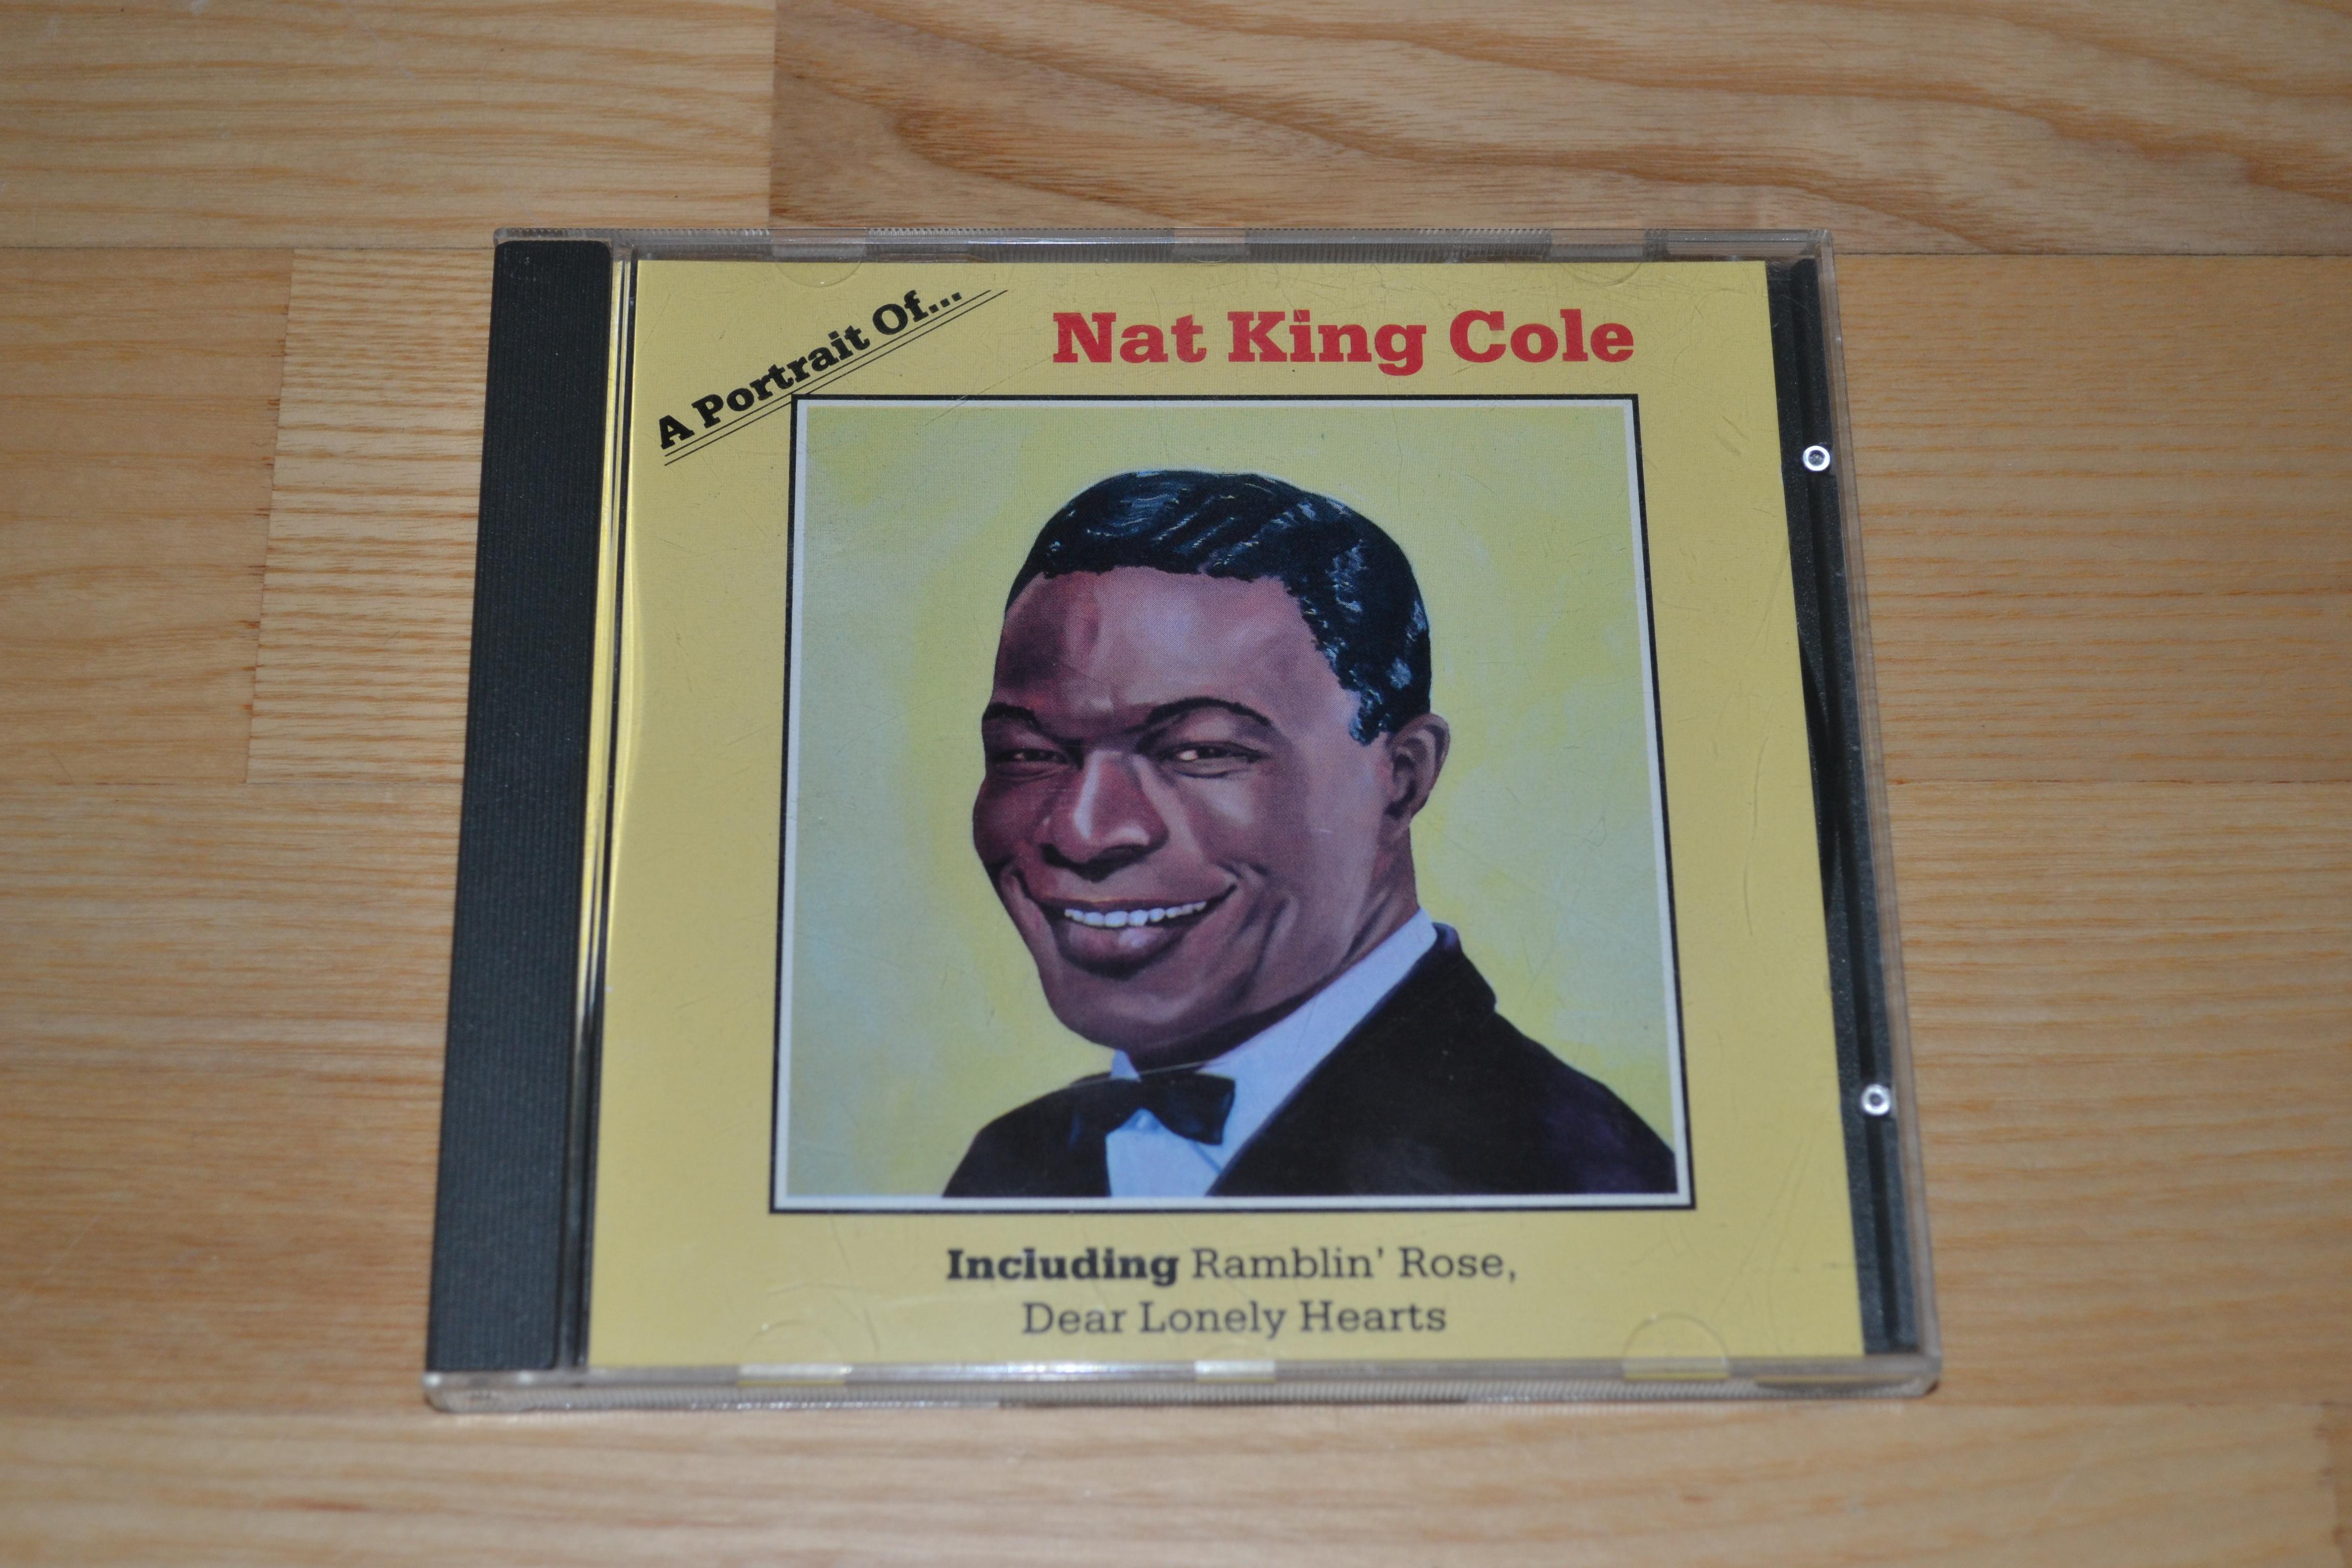 natkingcole